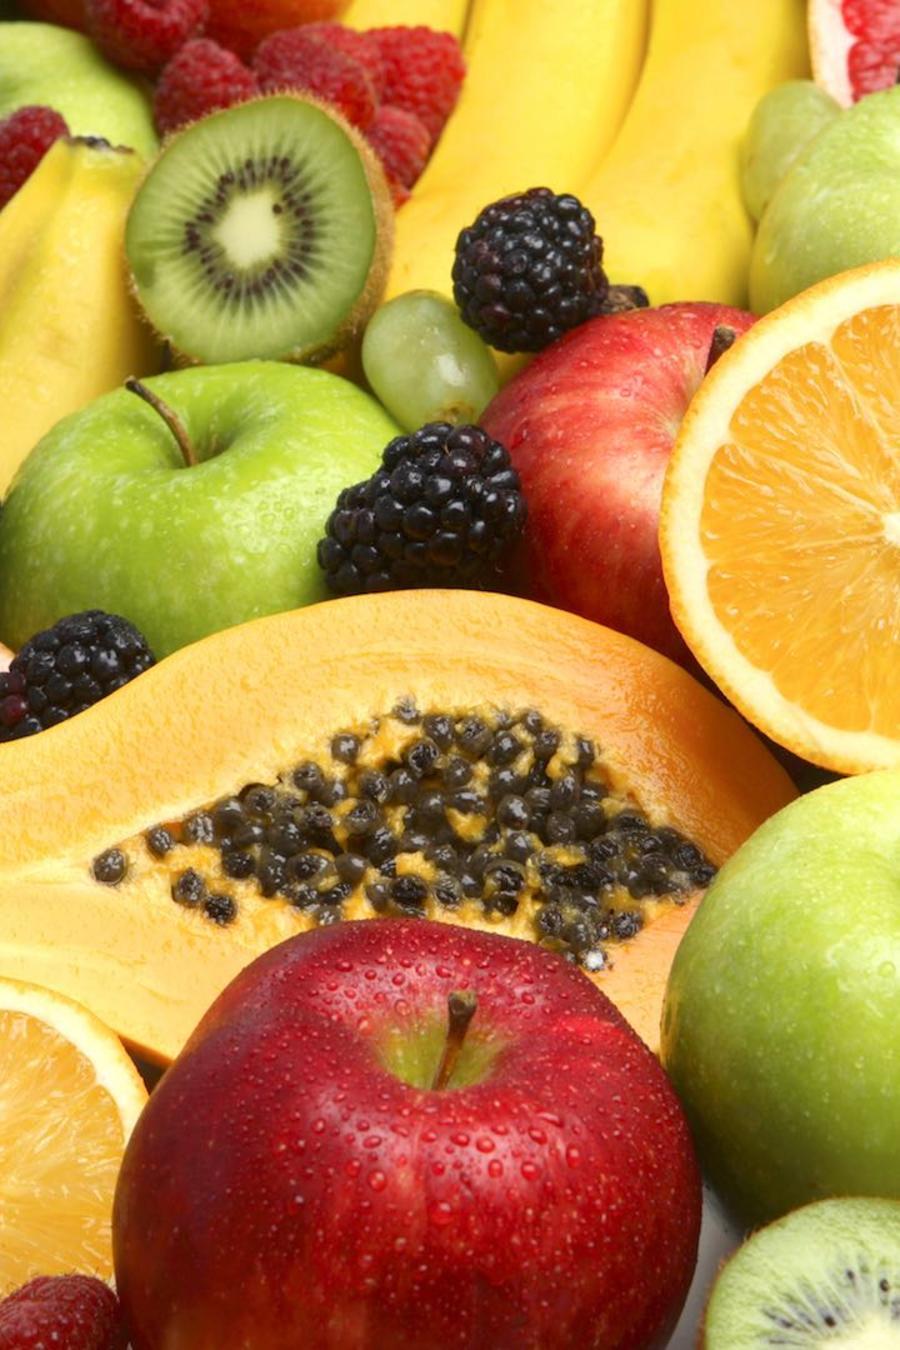 Naranja, manzana y otras frutas frescas